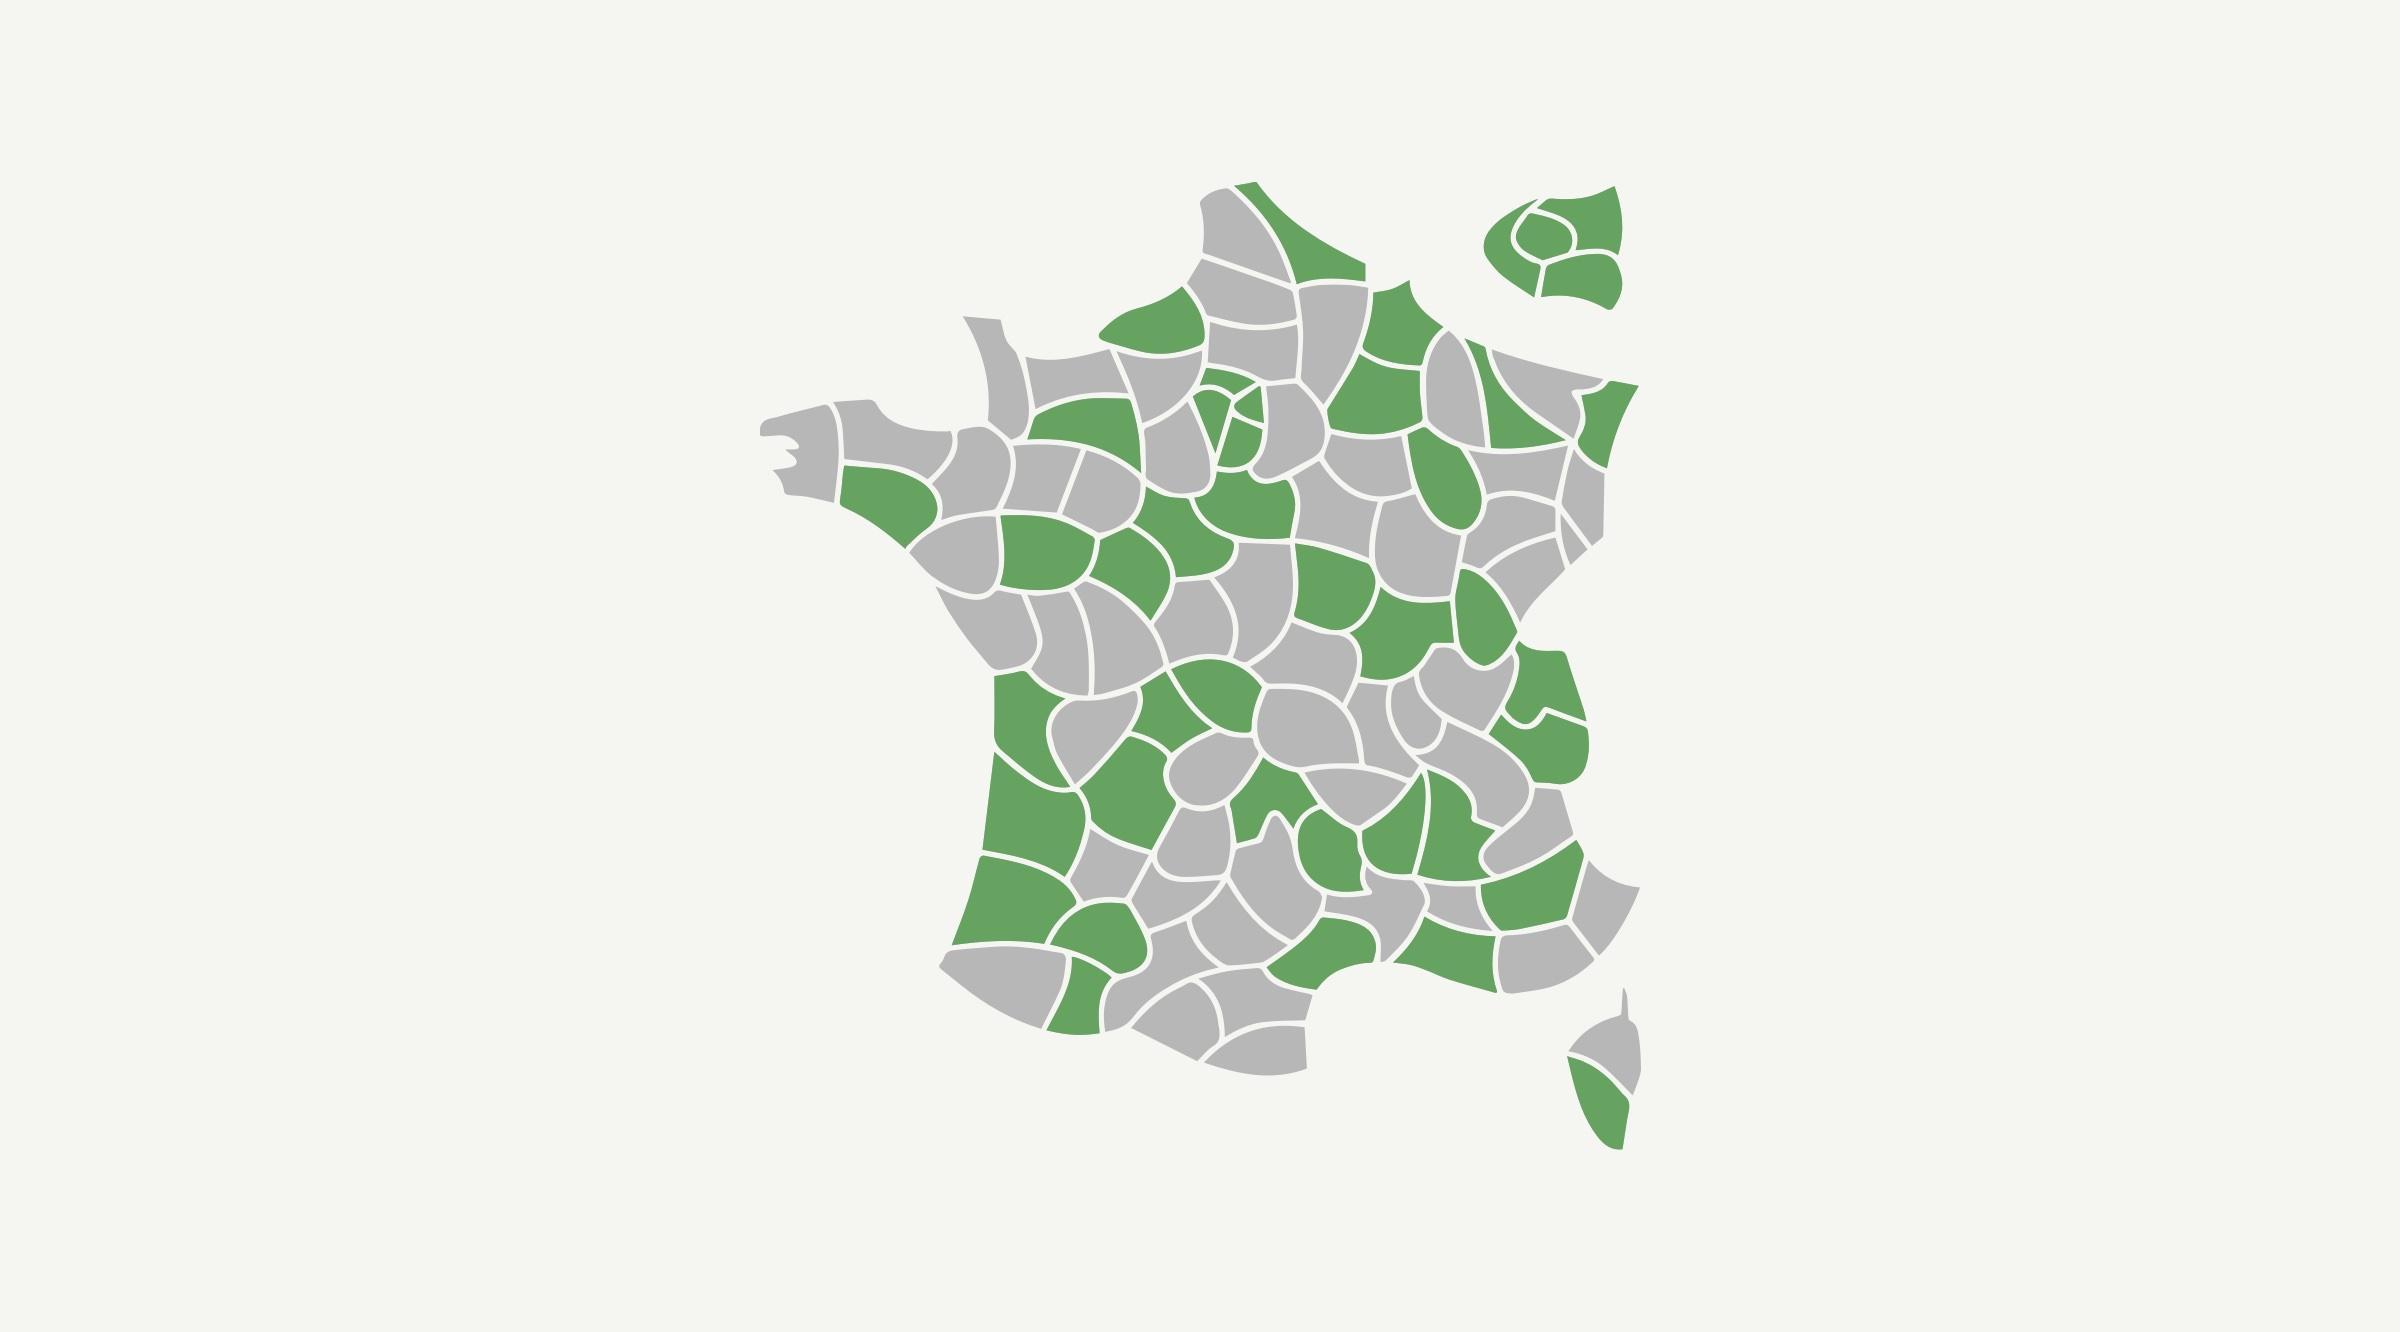 Zone verte : départements ayant participé à la Sérothèque Fédérale Nationale